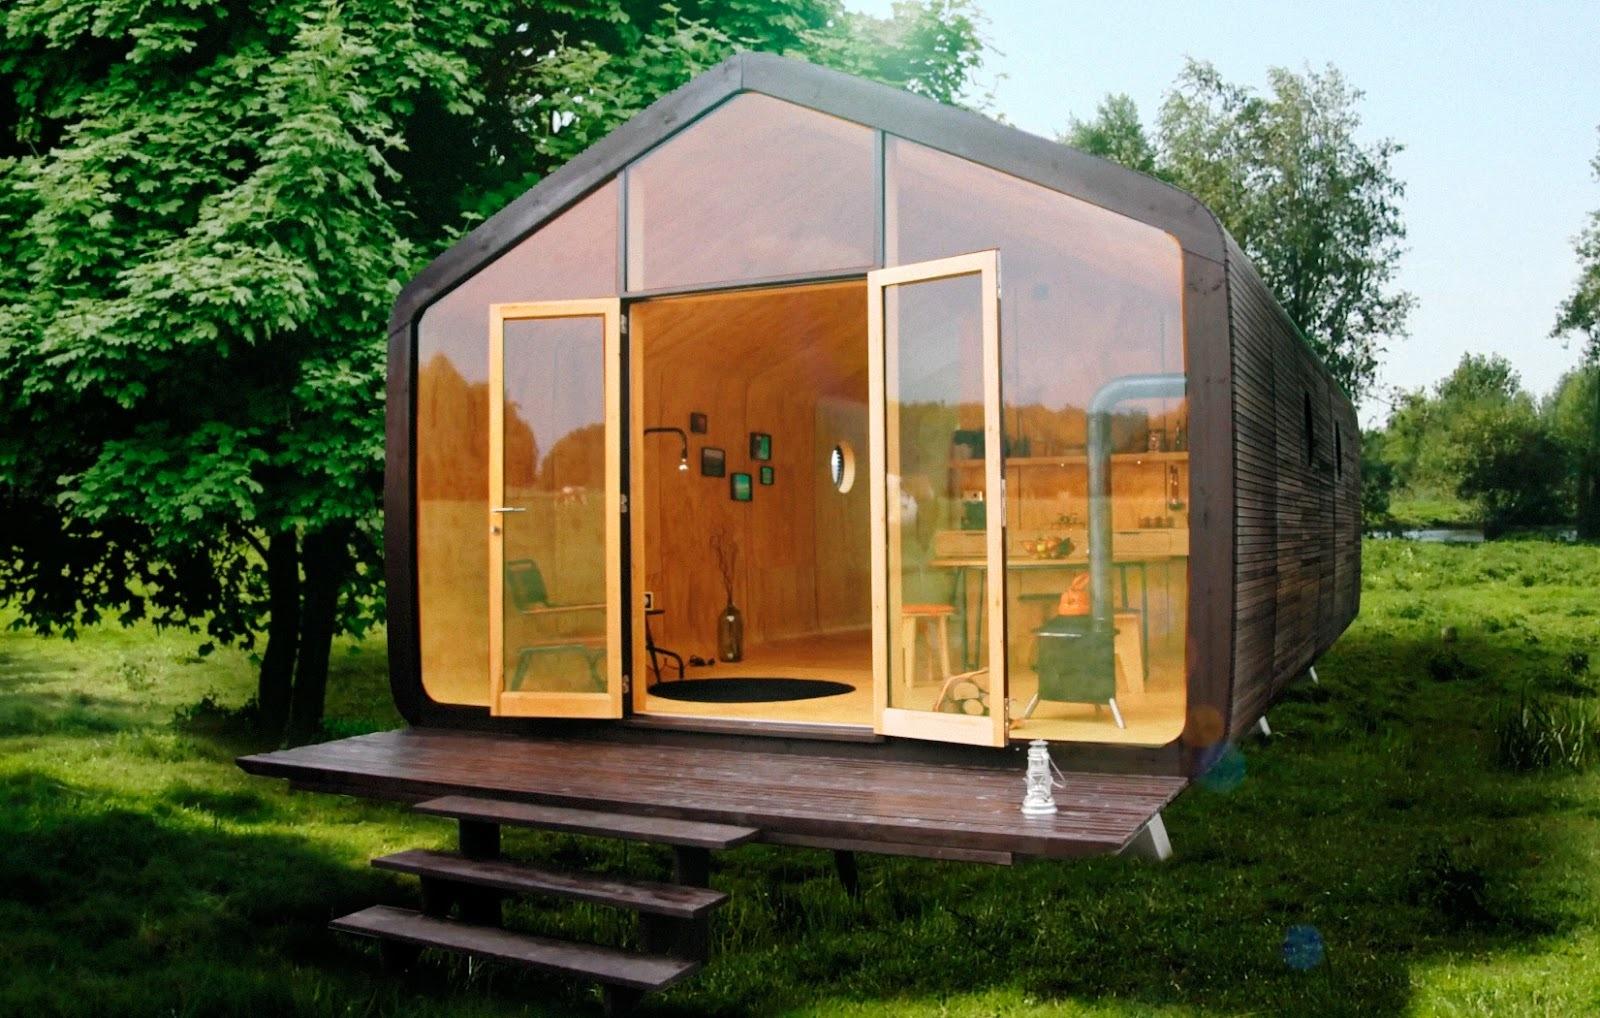 24-слойный картонный дом собирается за 1 день, выдержит минимум 50 лет - 1